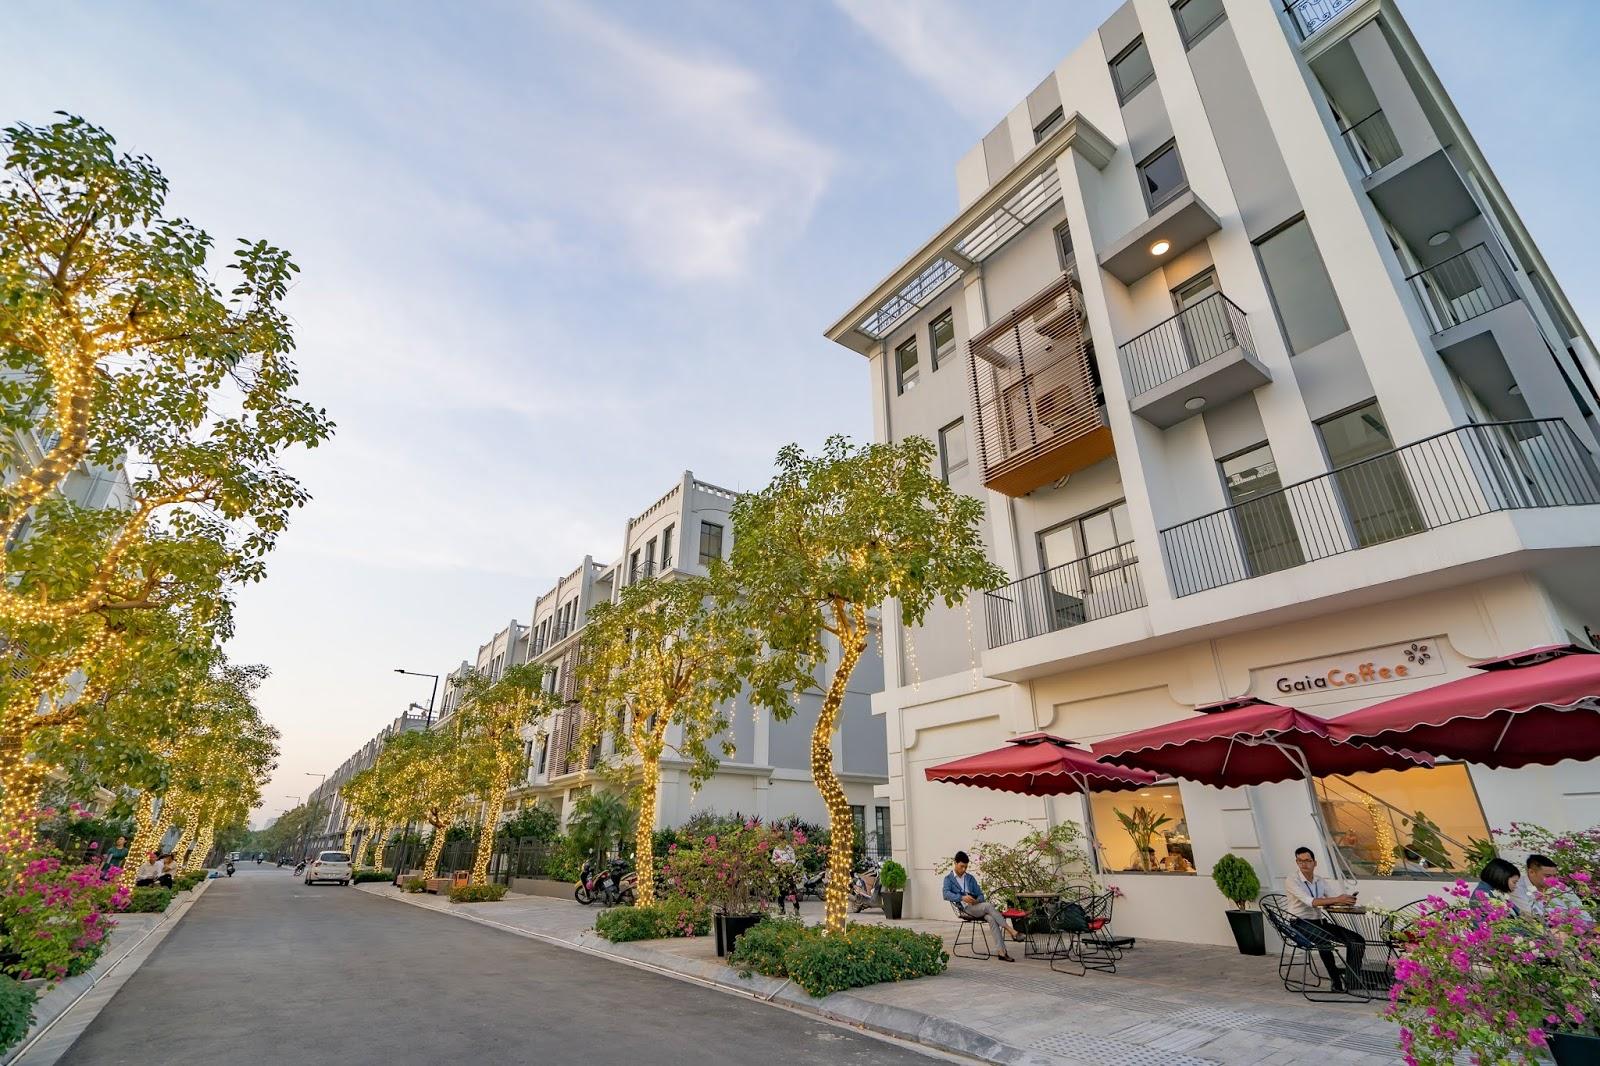 Nhà liền kề Hà Nội: Những dự án đang làm mưa làm gió thị trường bất động sản